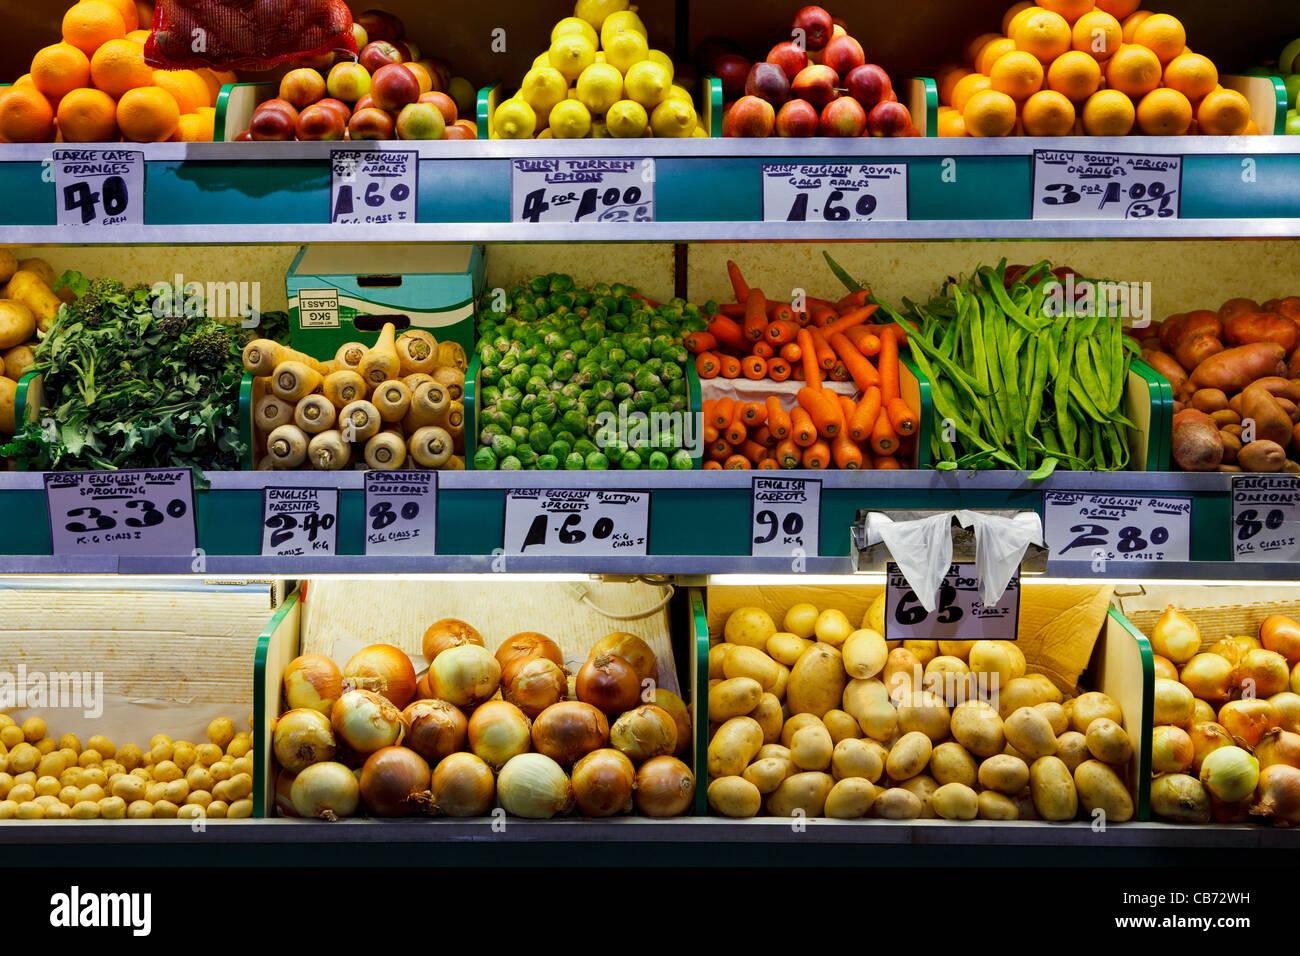 Foto von frischem Obst und Gemüse auf einem Bauernmarkt. Stockbild